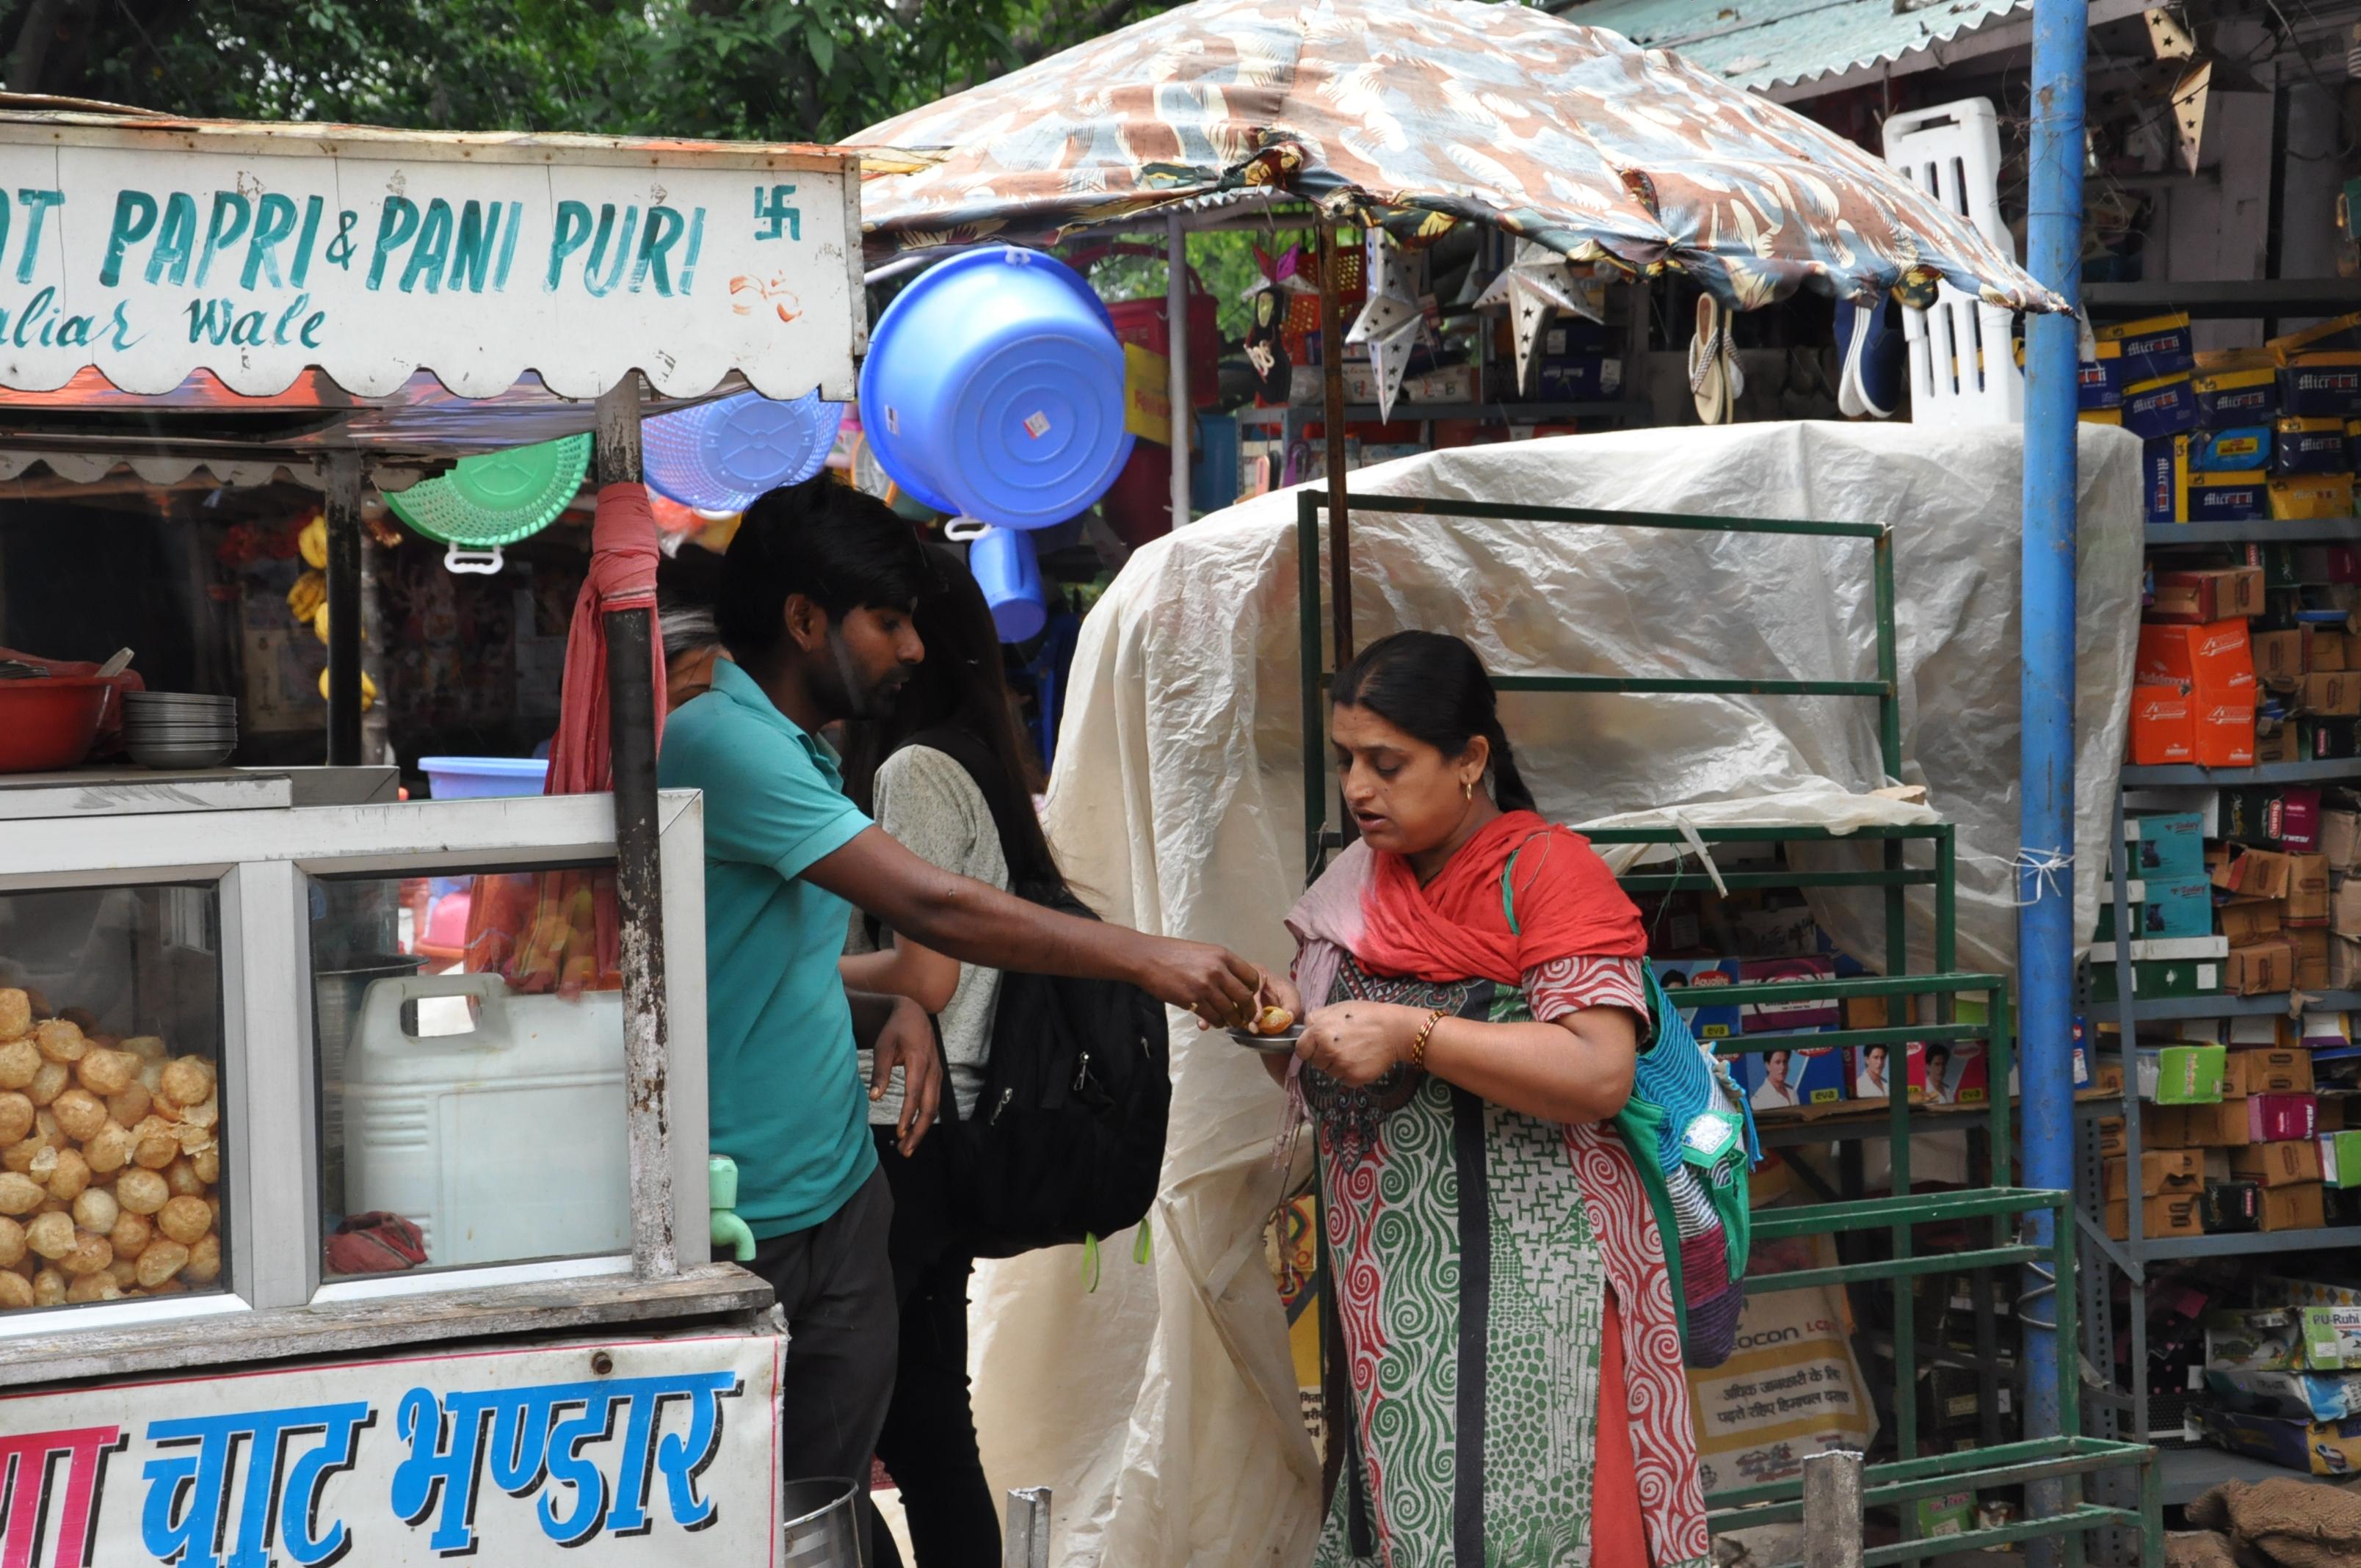 """सरमन की छोटी सी रेडी पर पानी पूरी का आनद लेते ग्राहक, जो सरमन के रोजगार व घर के खर्चे का एक मात्र सहारा """""""